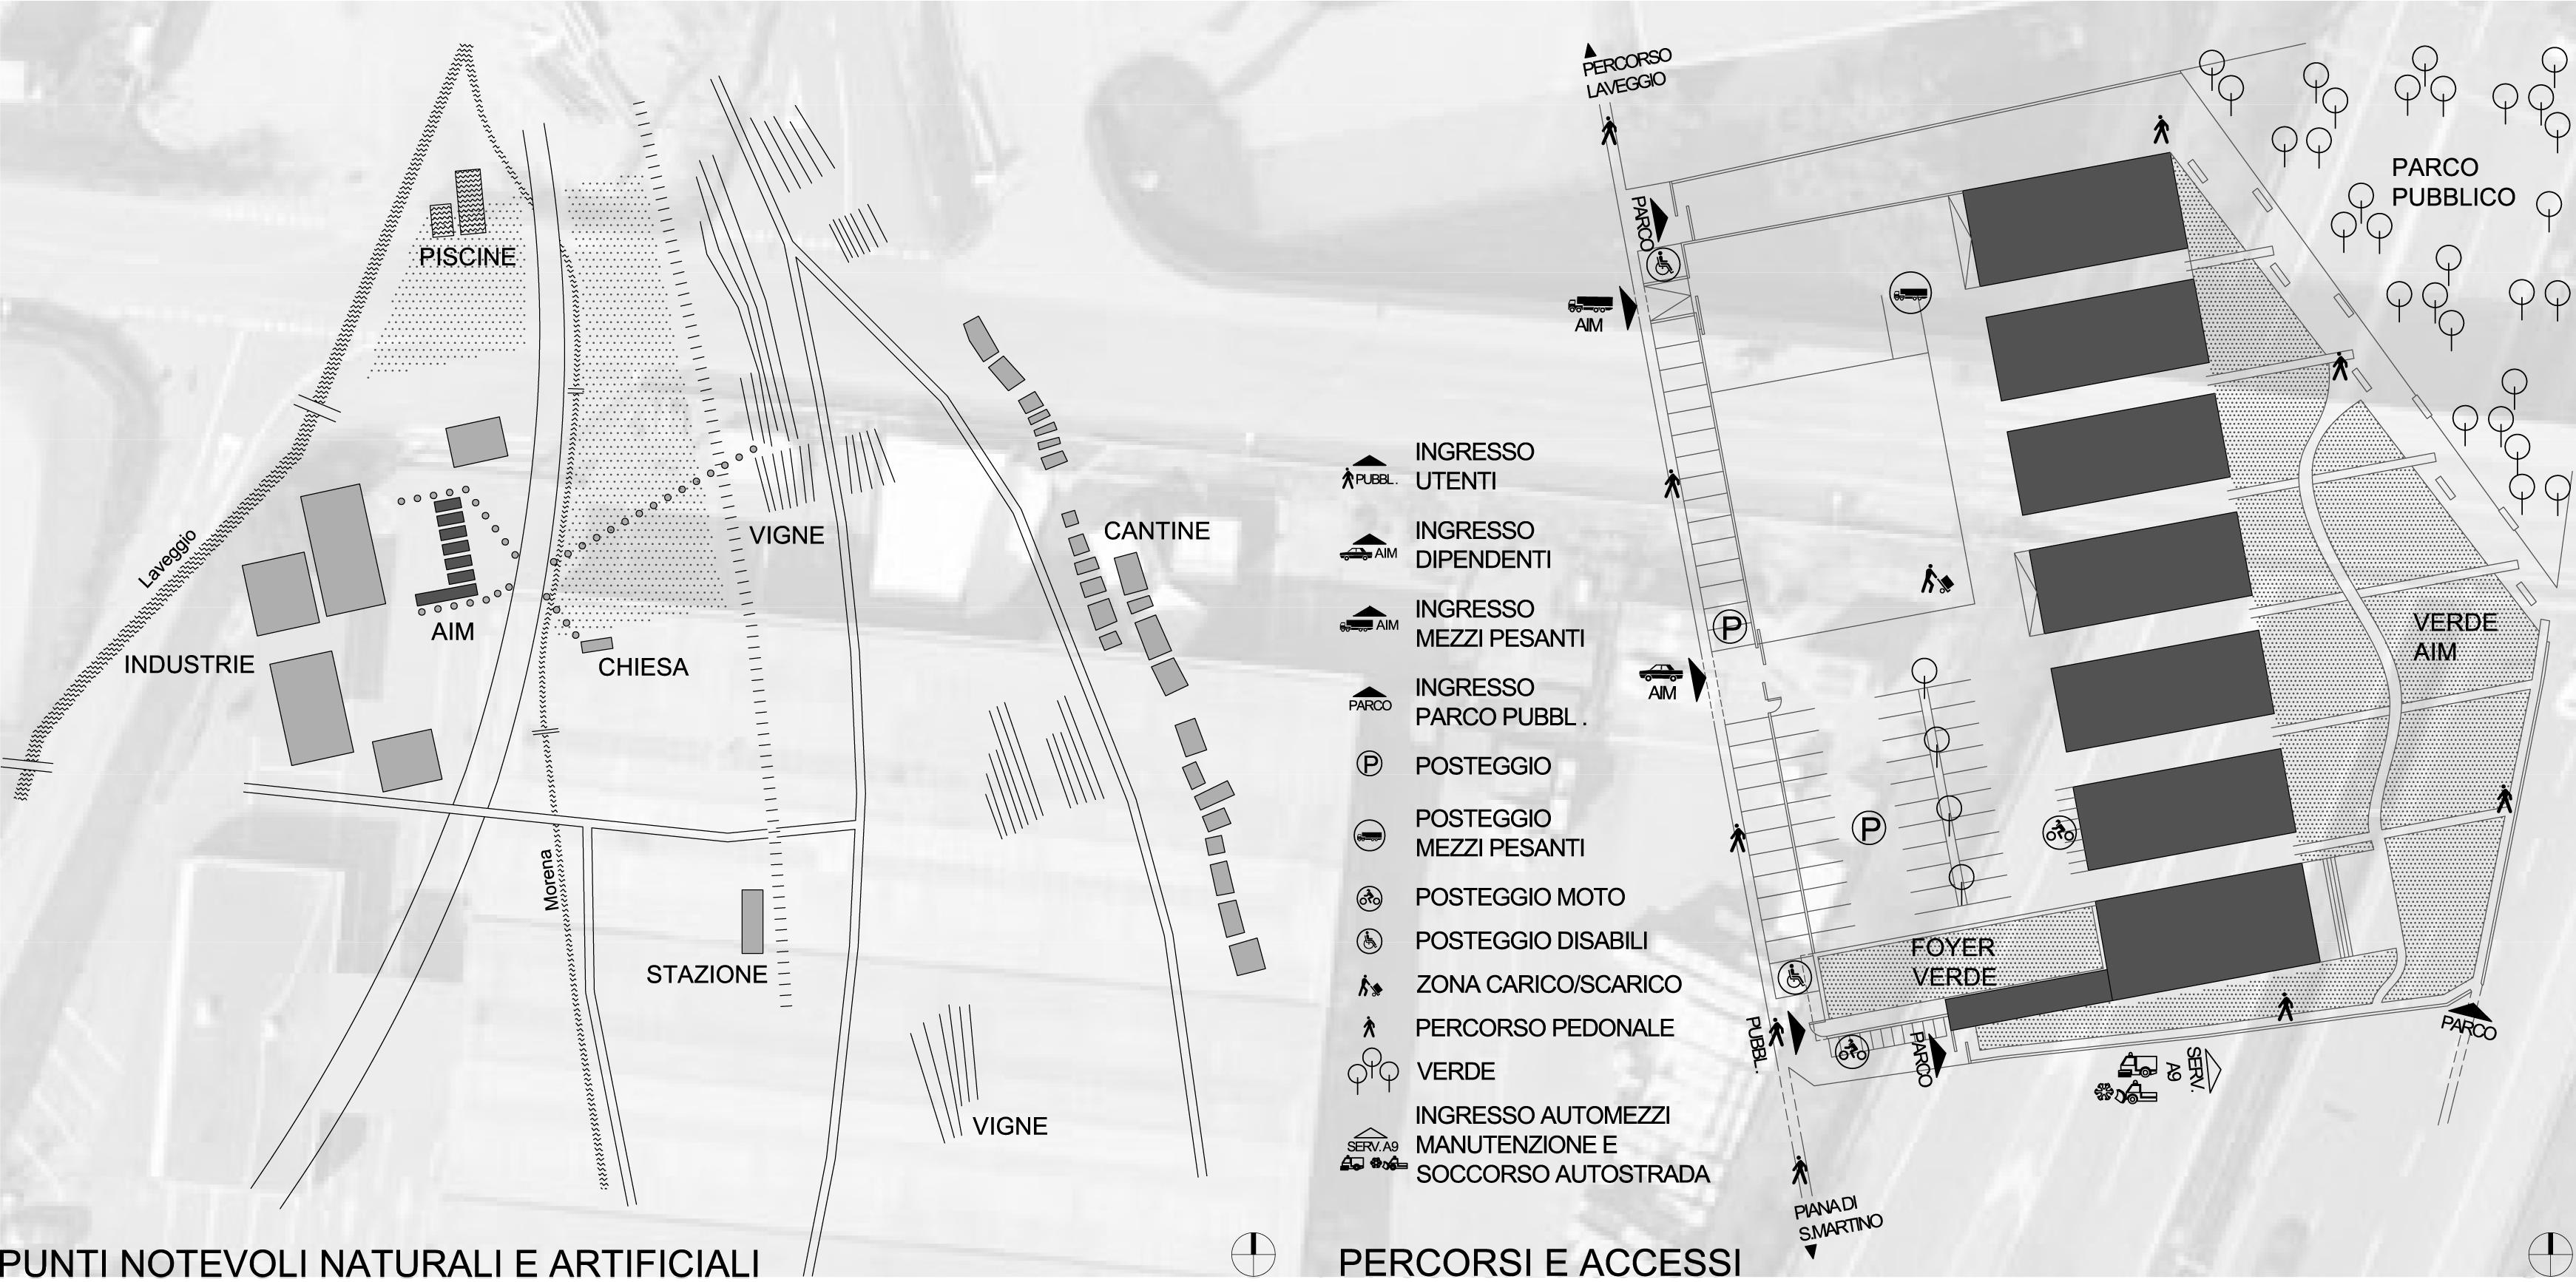 \Serverdisco_comune1 - LAVORI IN CORSO1315 Concorso AIM Mend